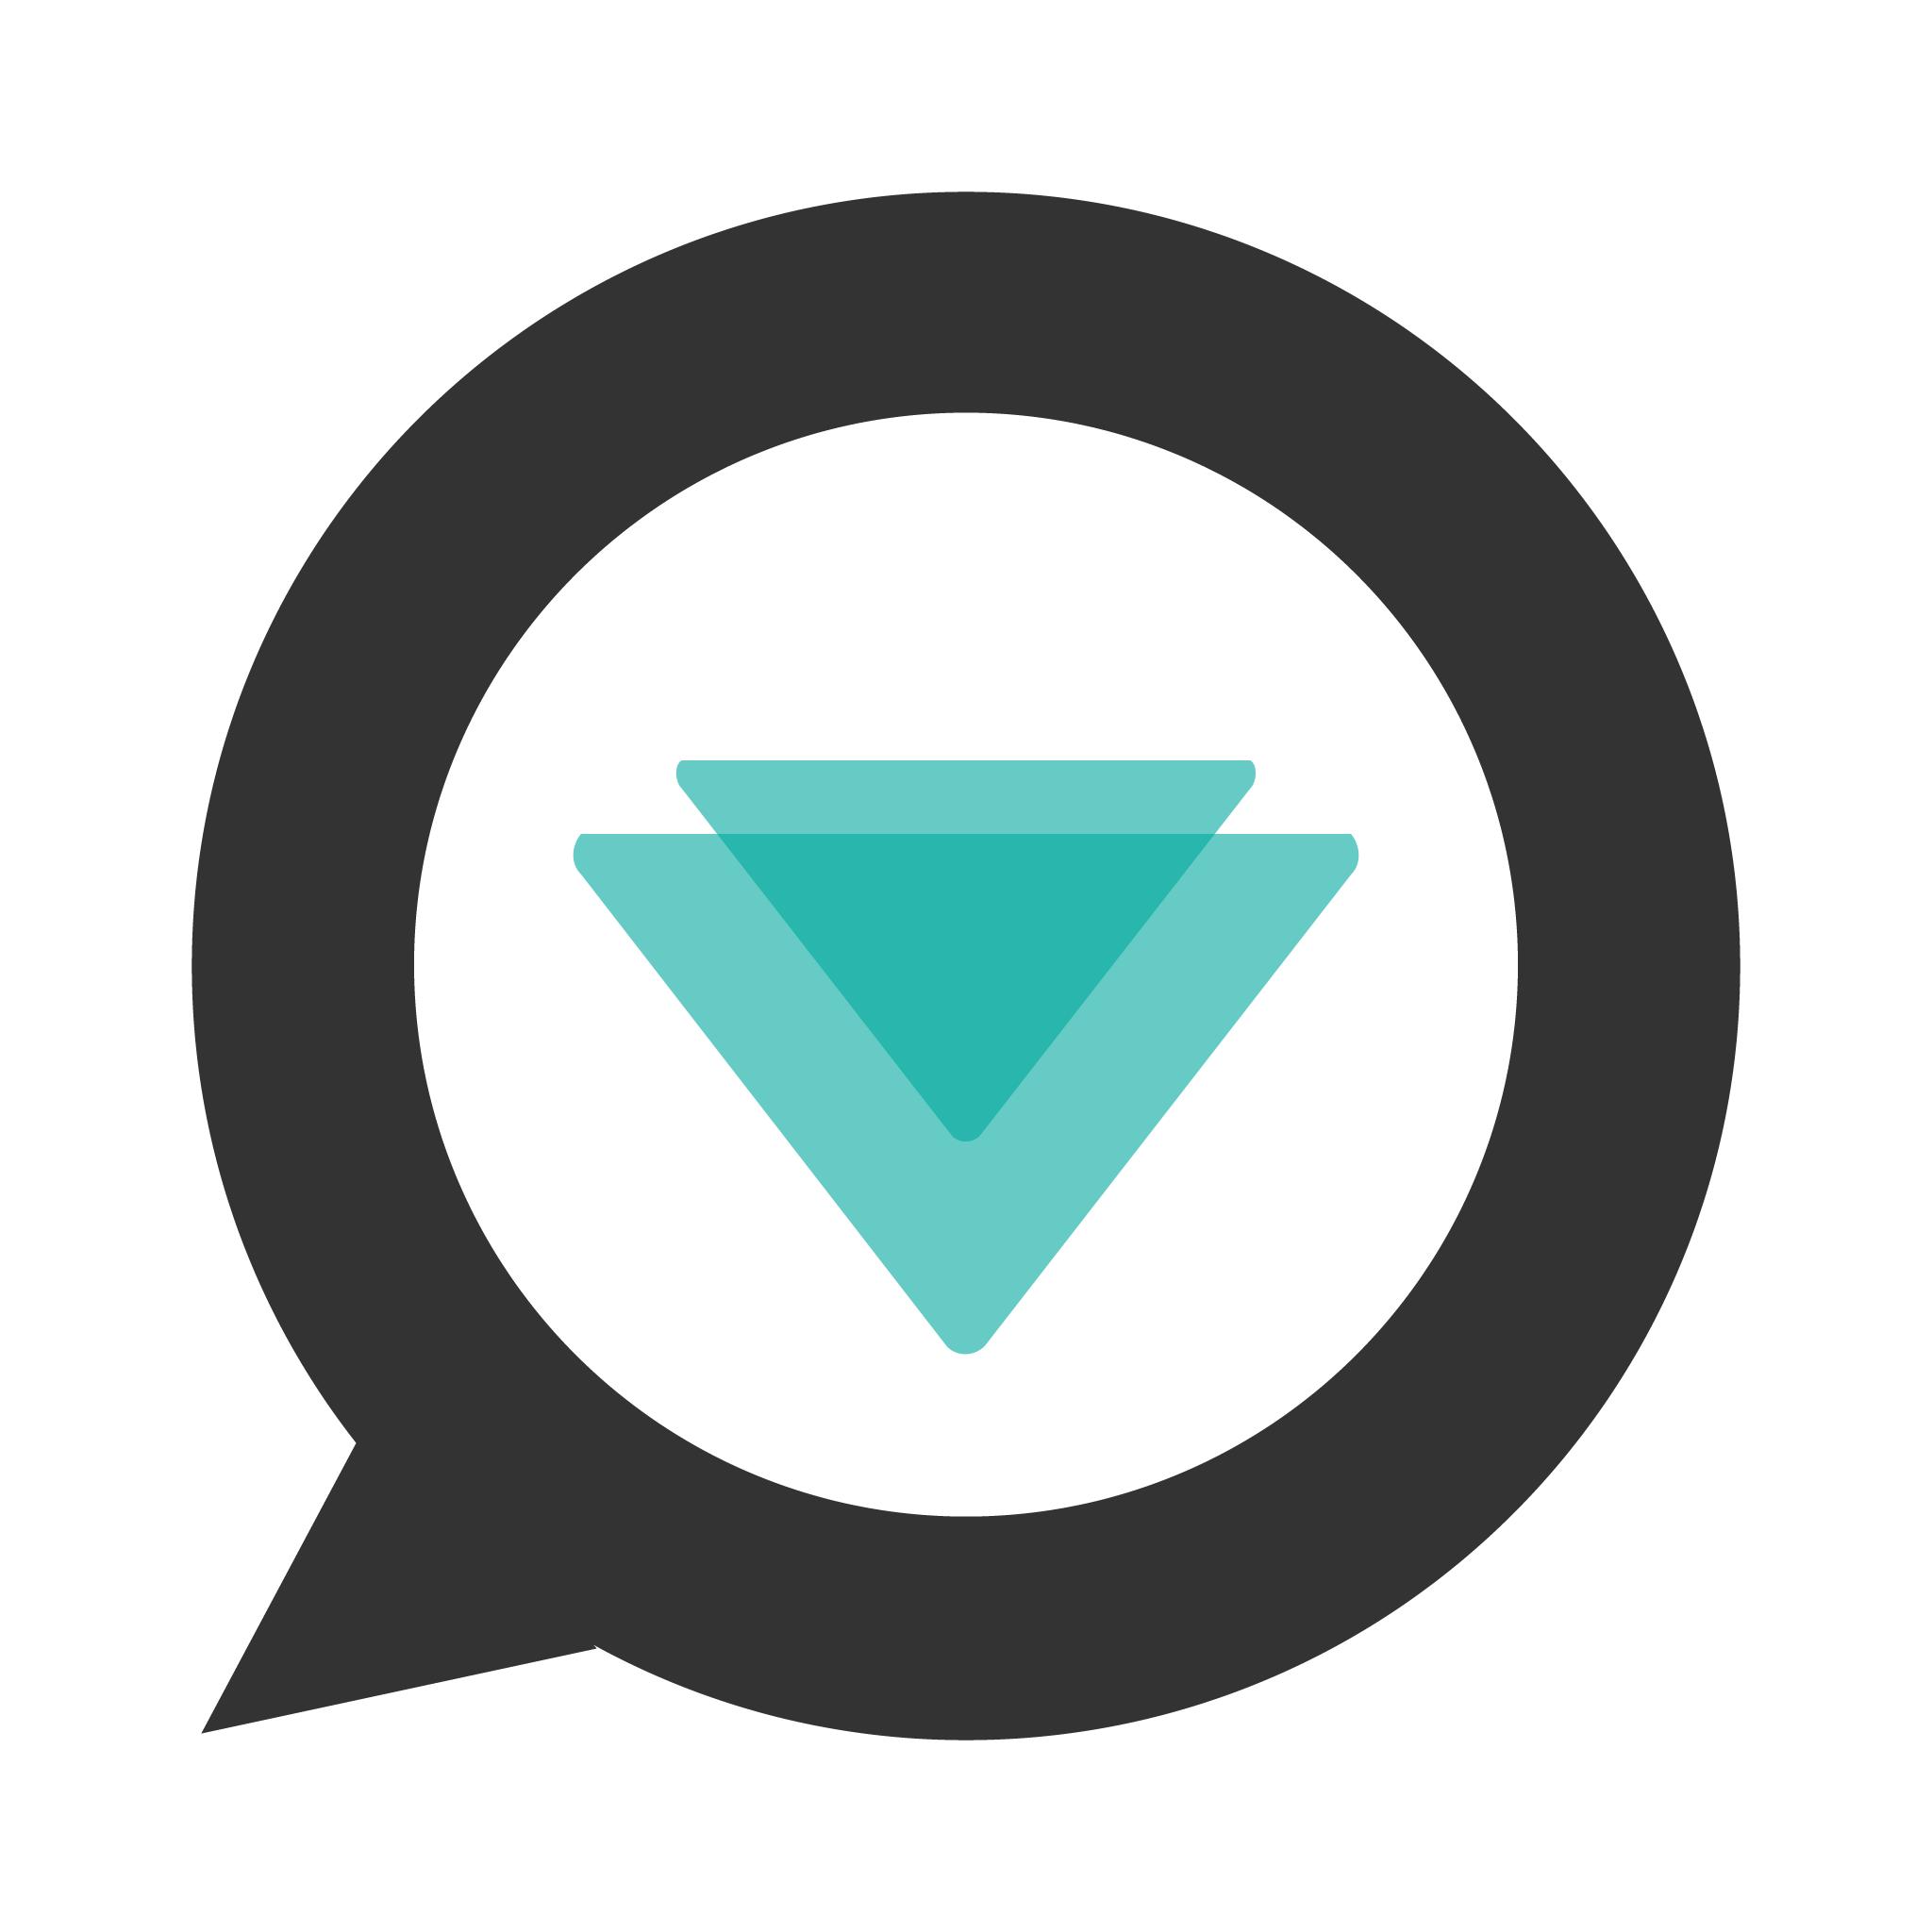 VocoChat Activities Rep